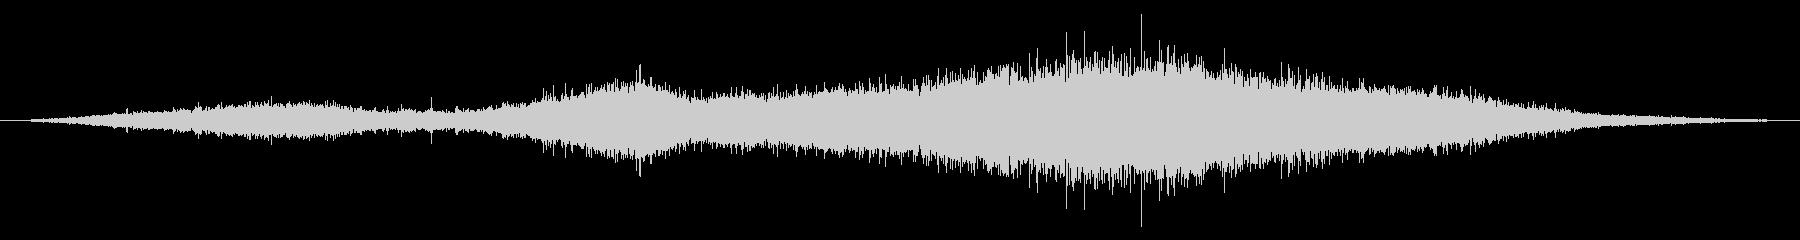 植生 木の葉ラッスルミディアム06の未再生の波形